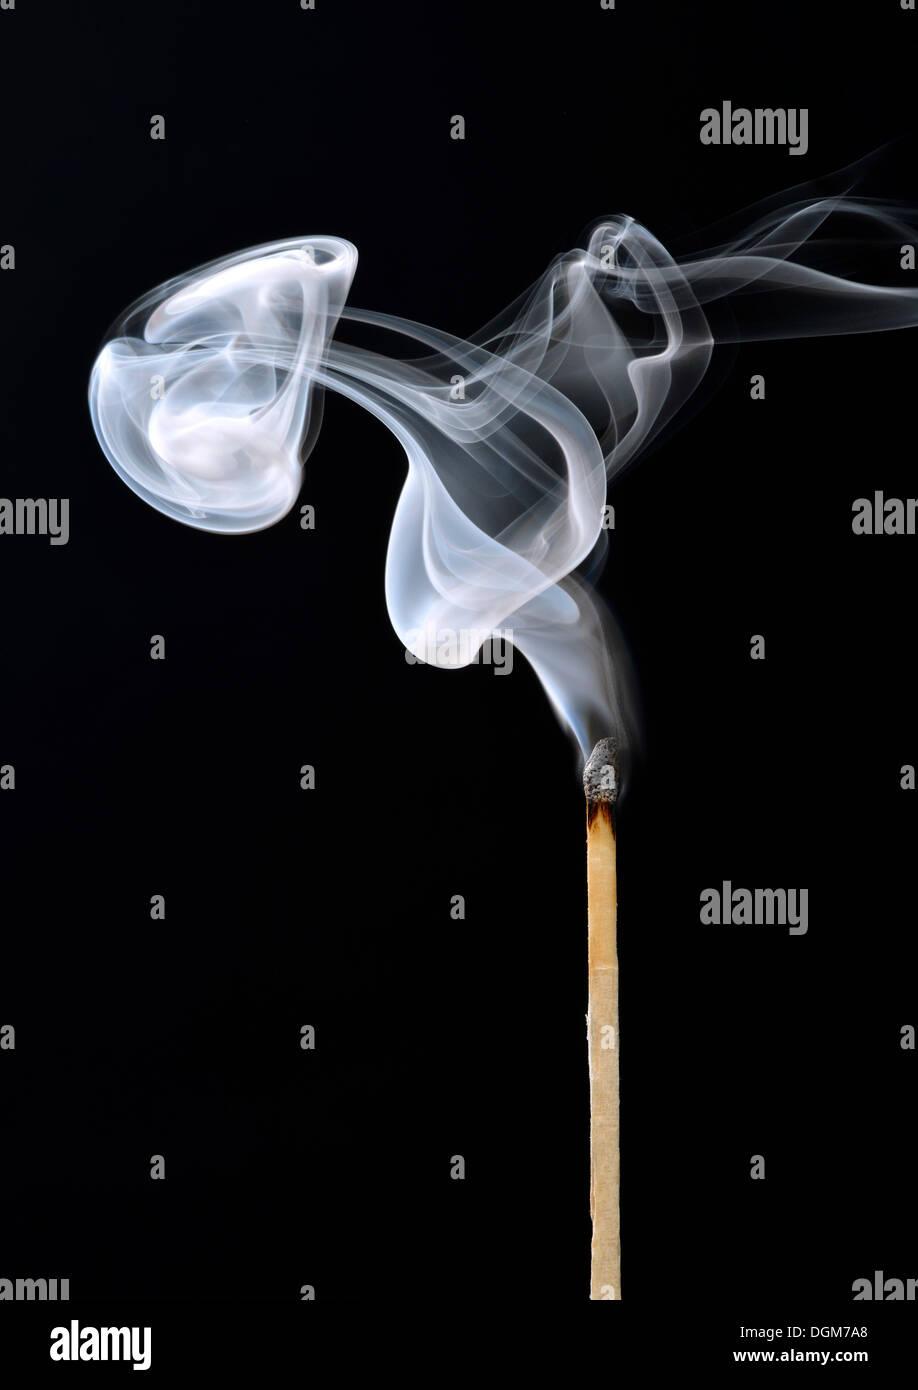 Smoke from a match - Stock Image